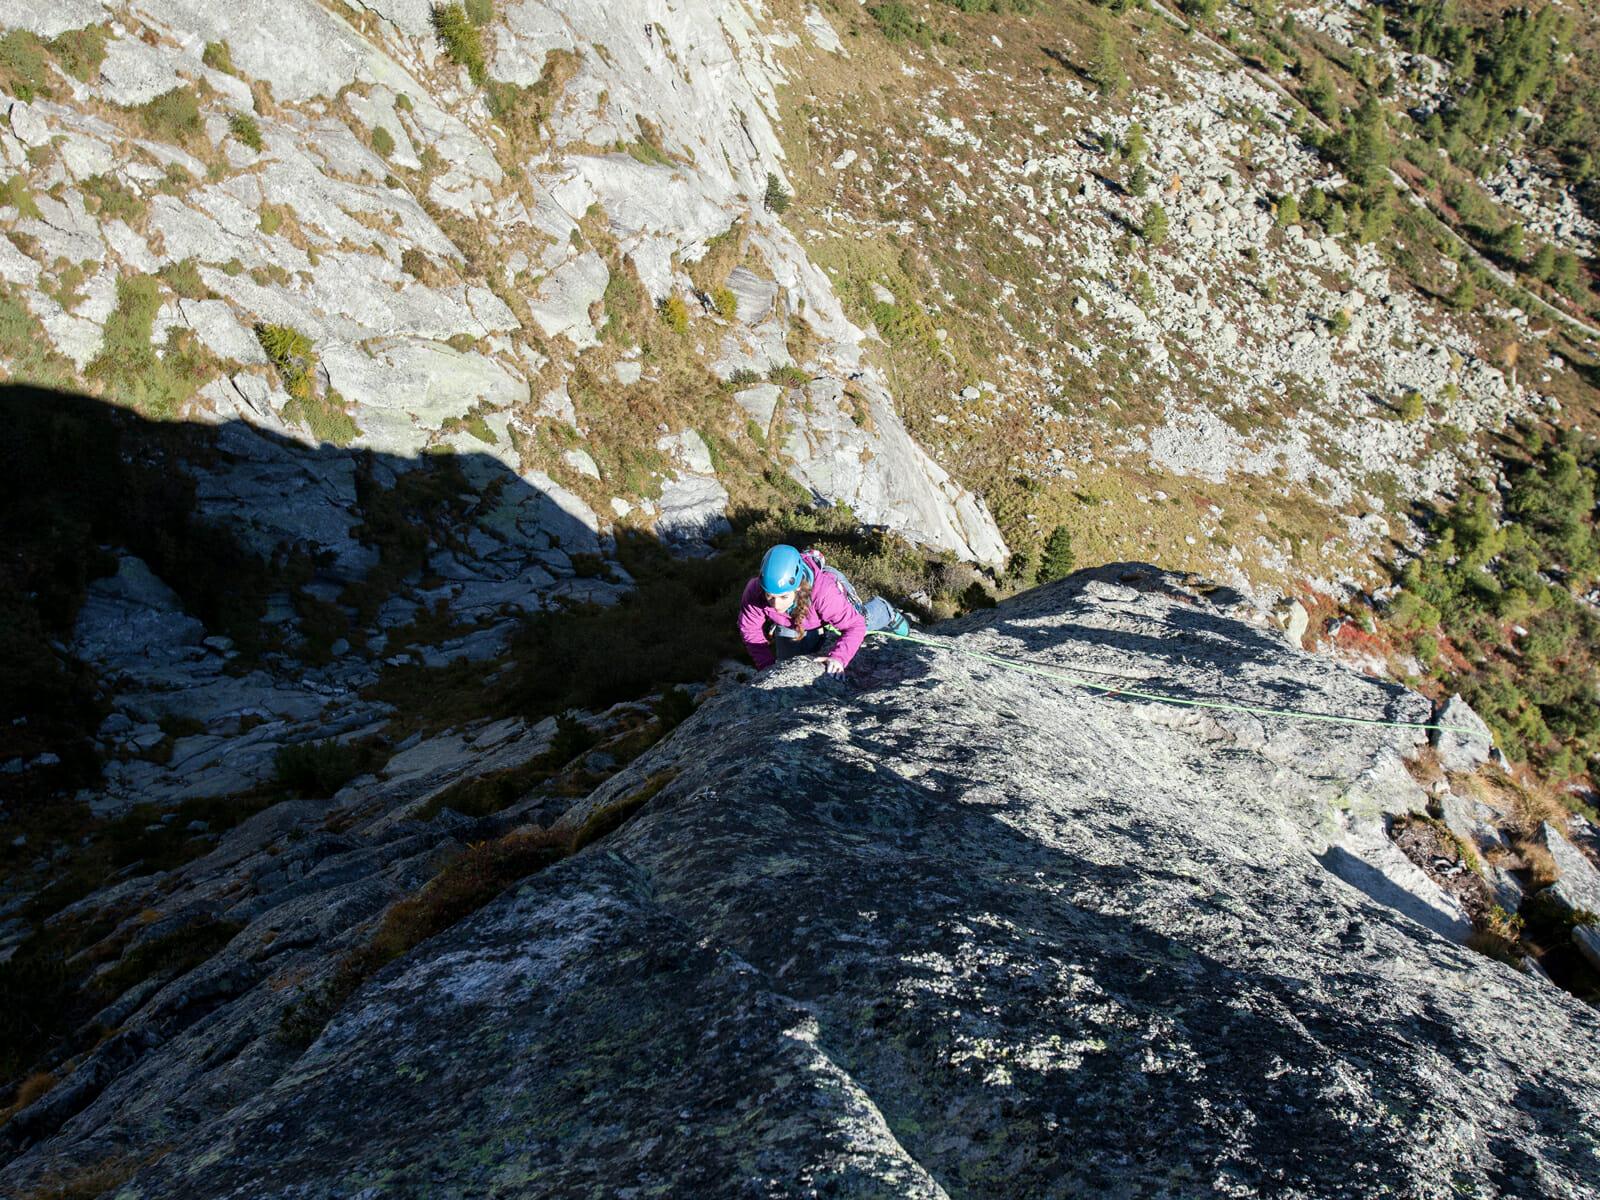 Klettergurt Alpinklettern : Ausbildung alpinklettern albigna bergell bergsteigerschule